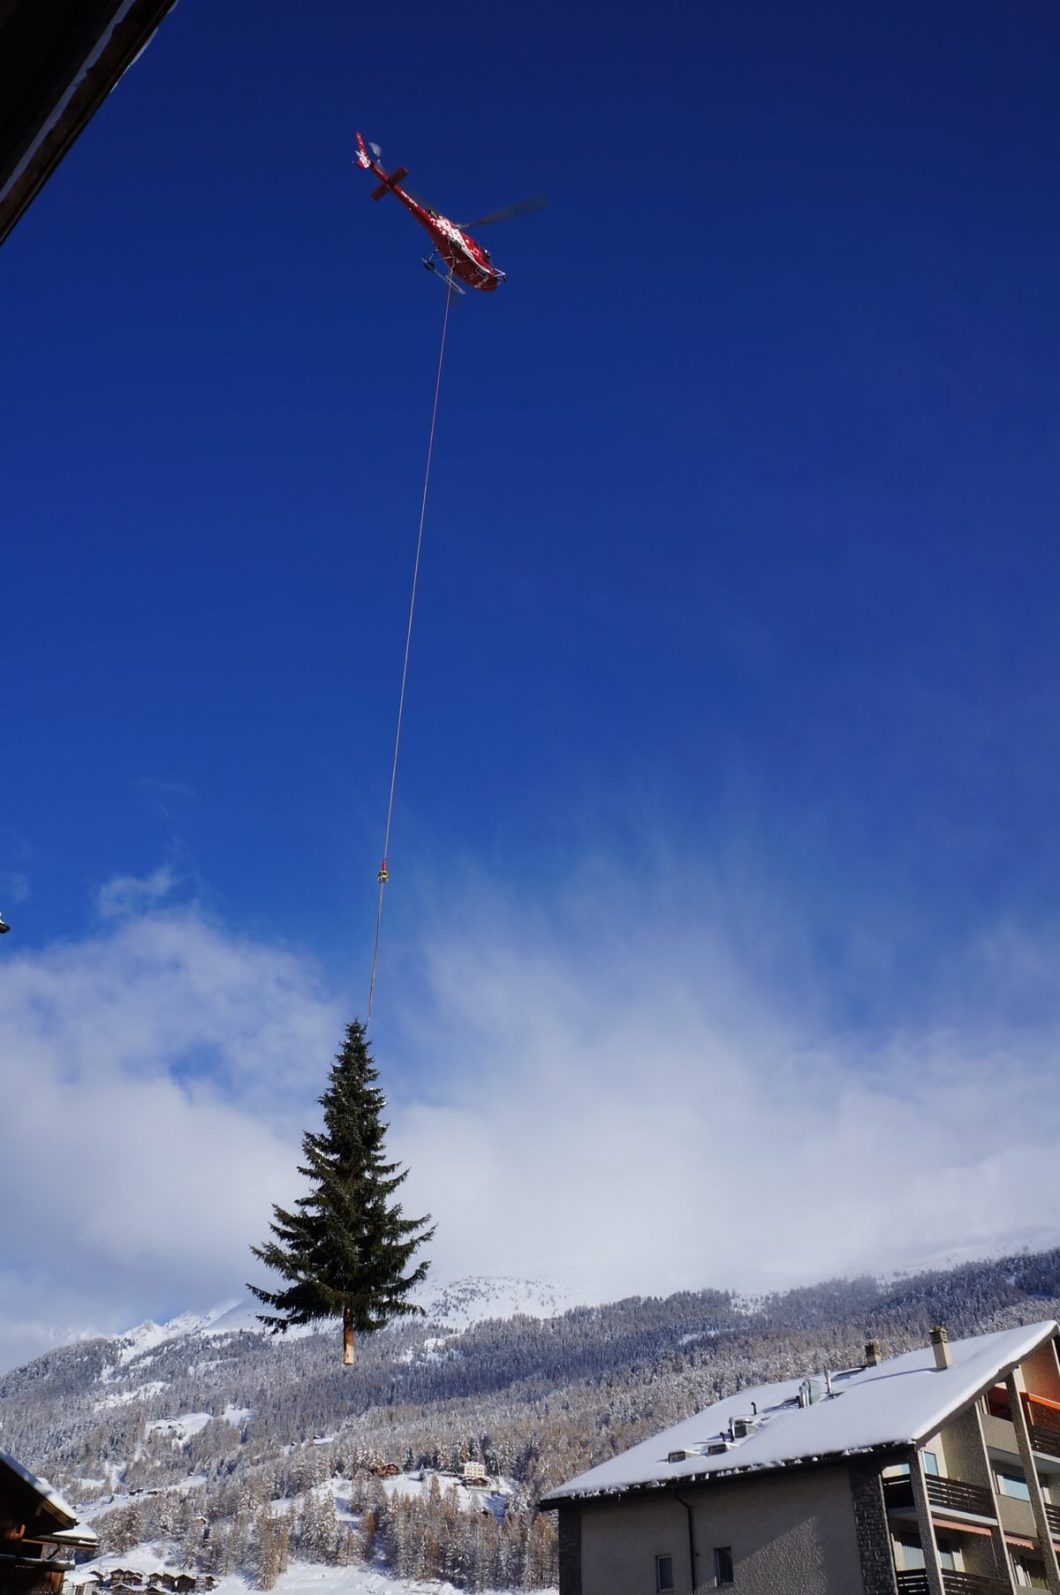 Zermatter Weihnachtsbaum wird mithilfe von Helikopter aufgestellt